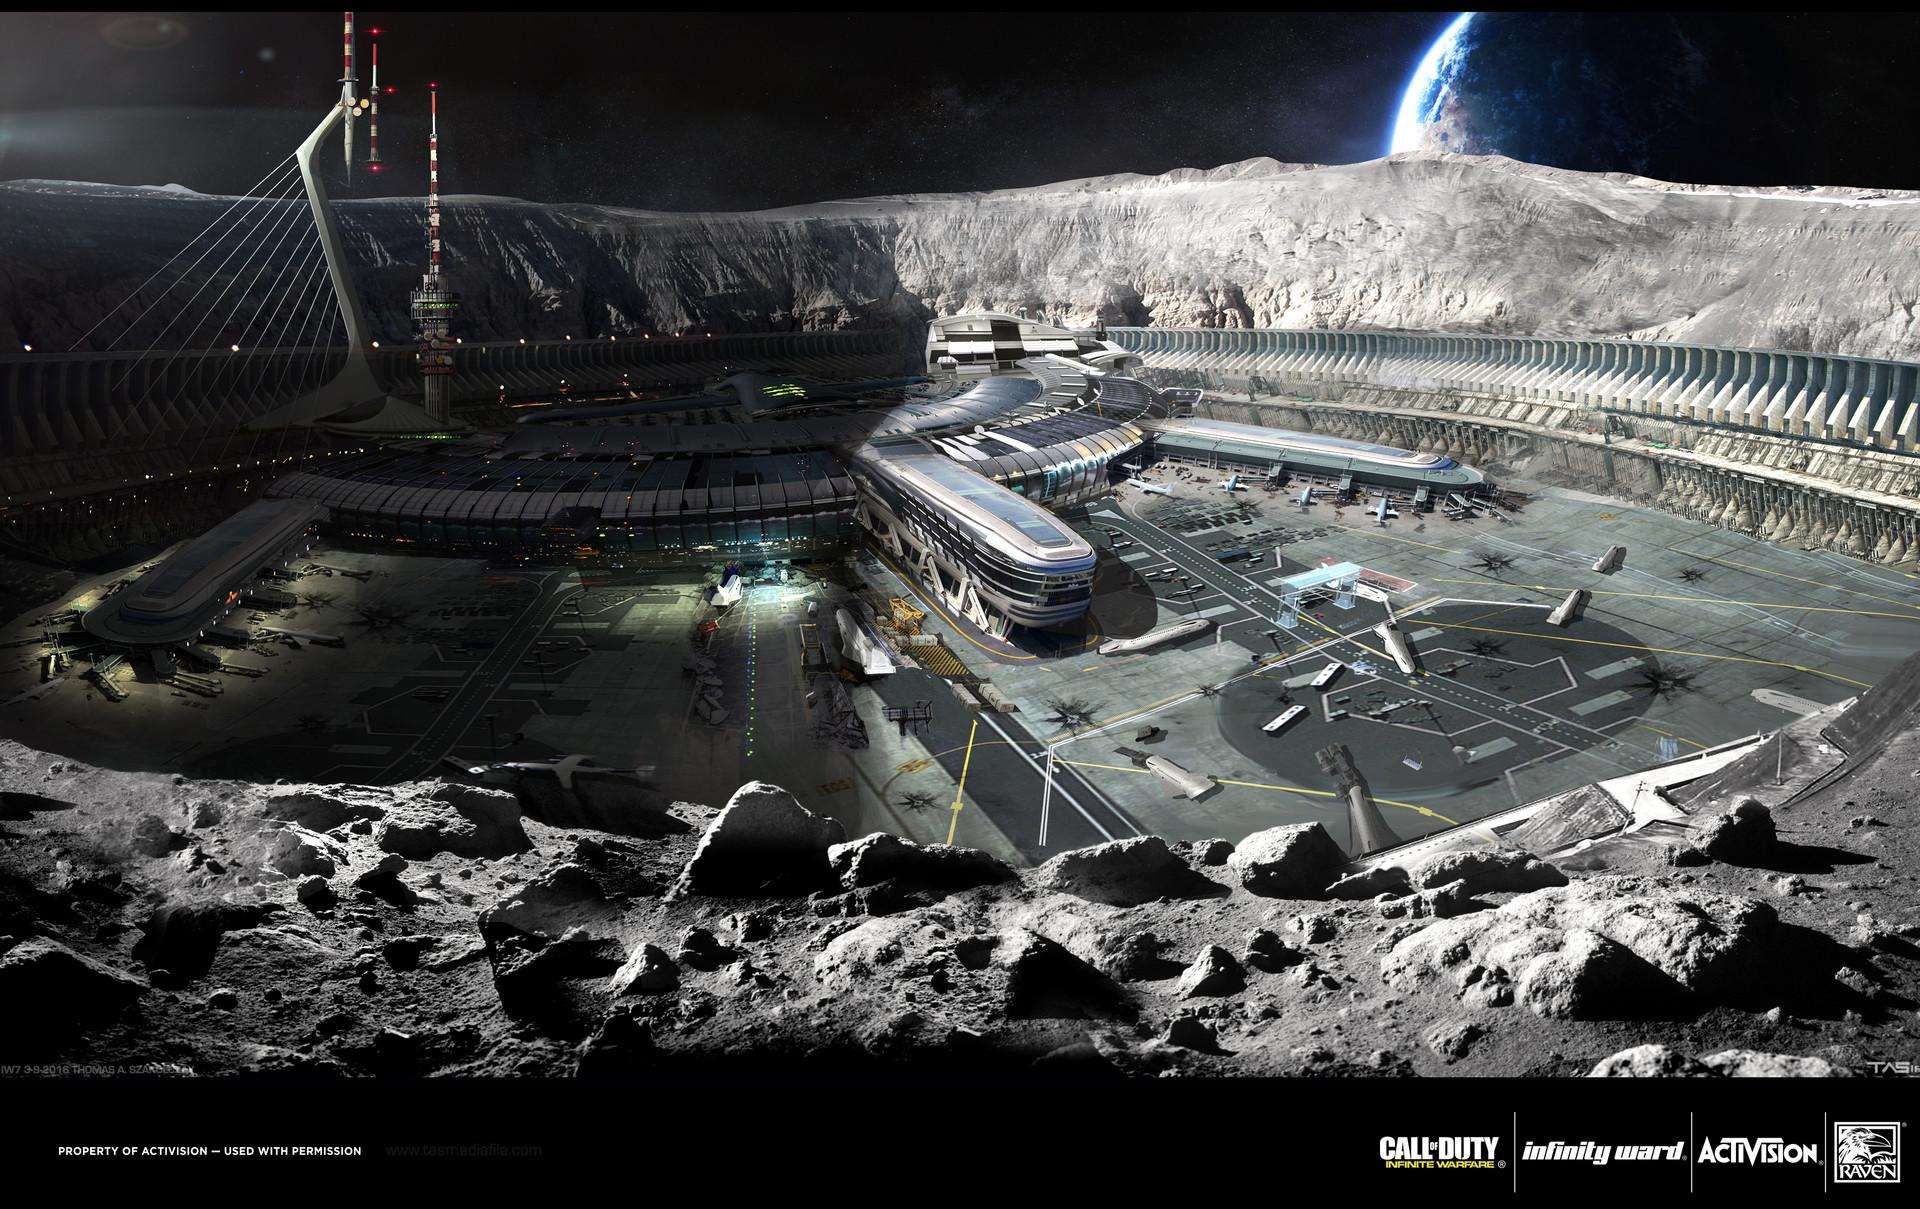 moon base call of duty - photo #9